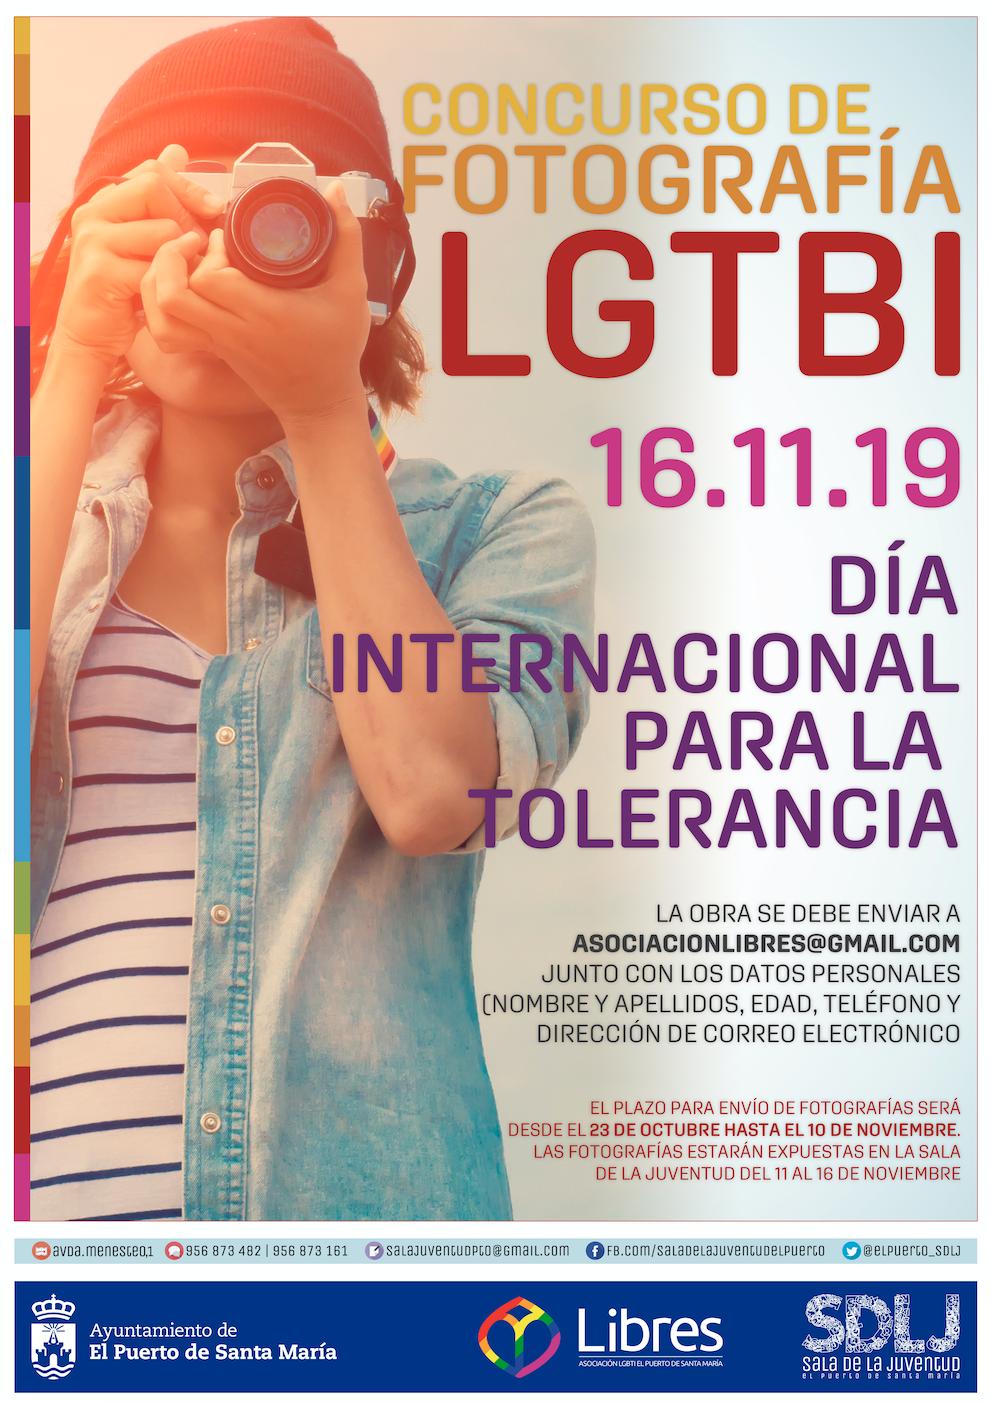 Concurso de Fotografía LGTBI asociación libres